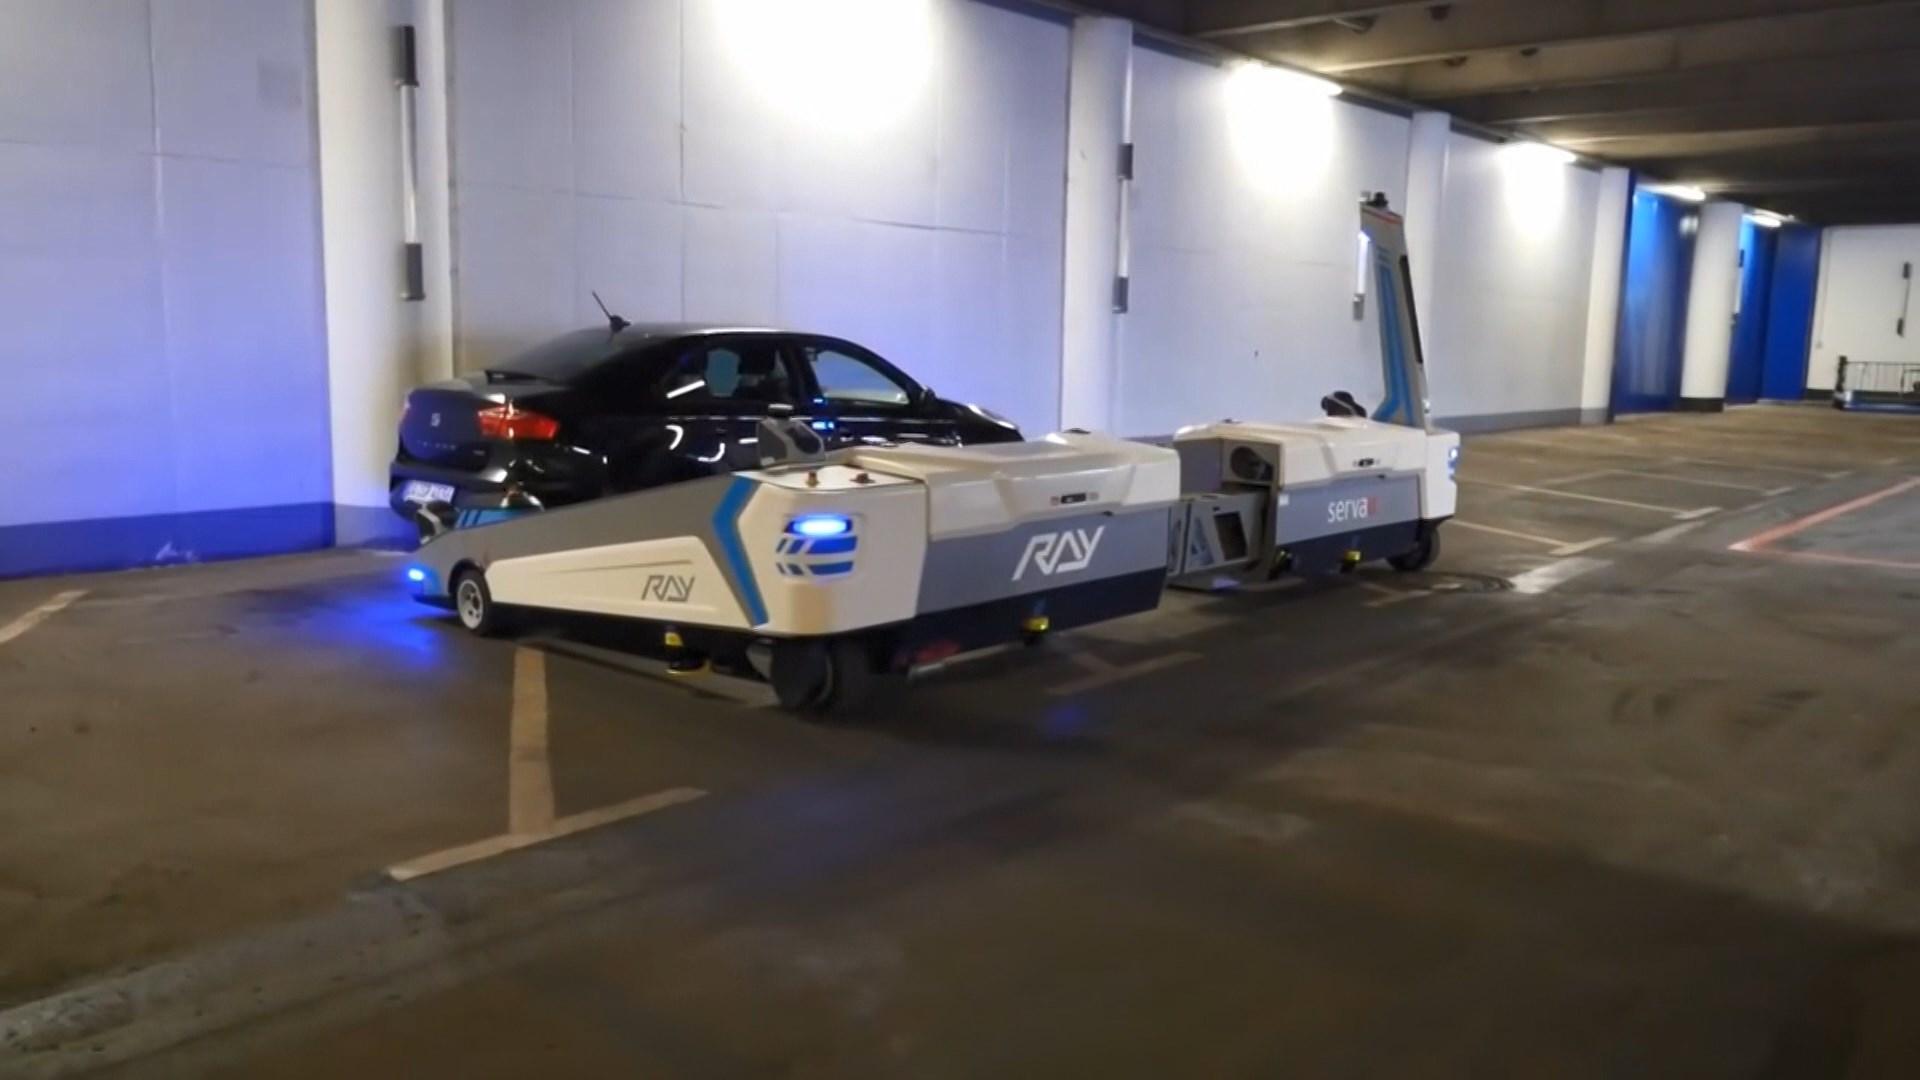 市建局:料使用電子飛氈泊車系統不會增泊車費